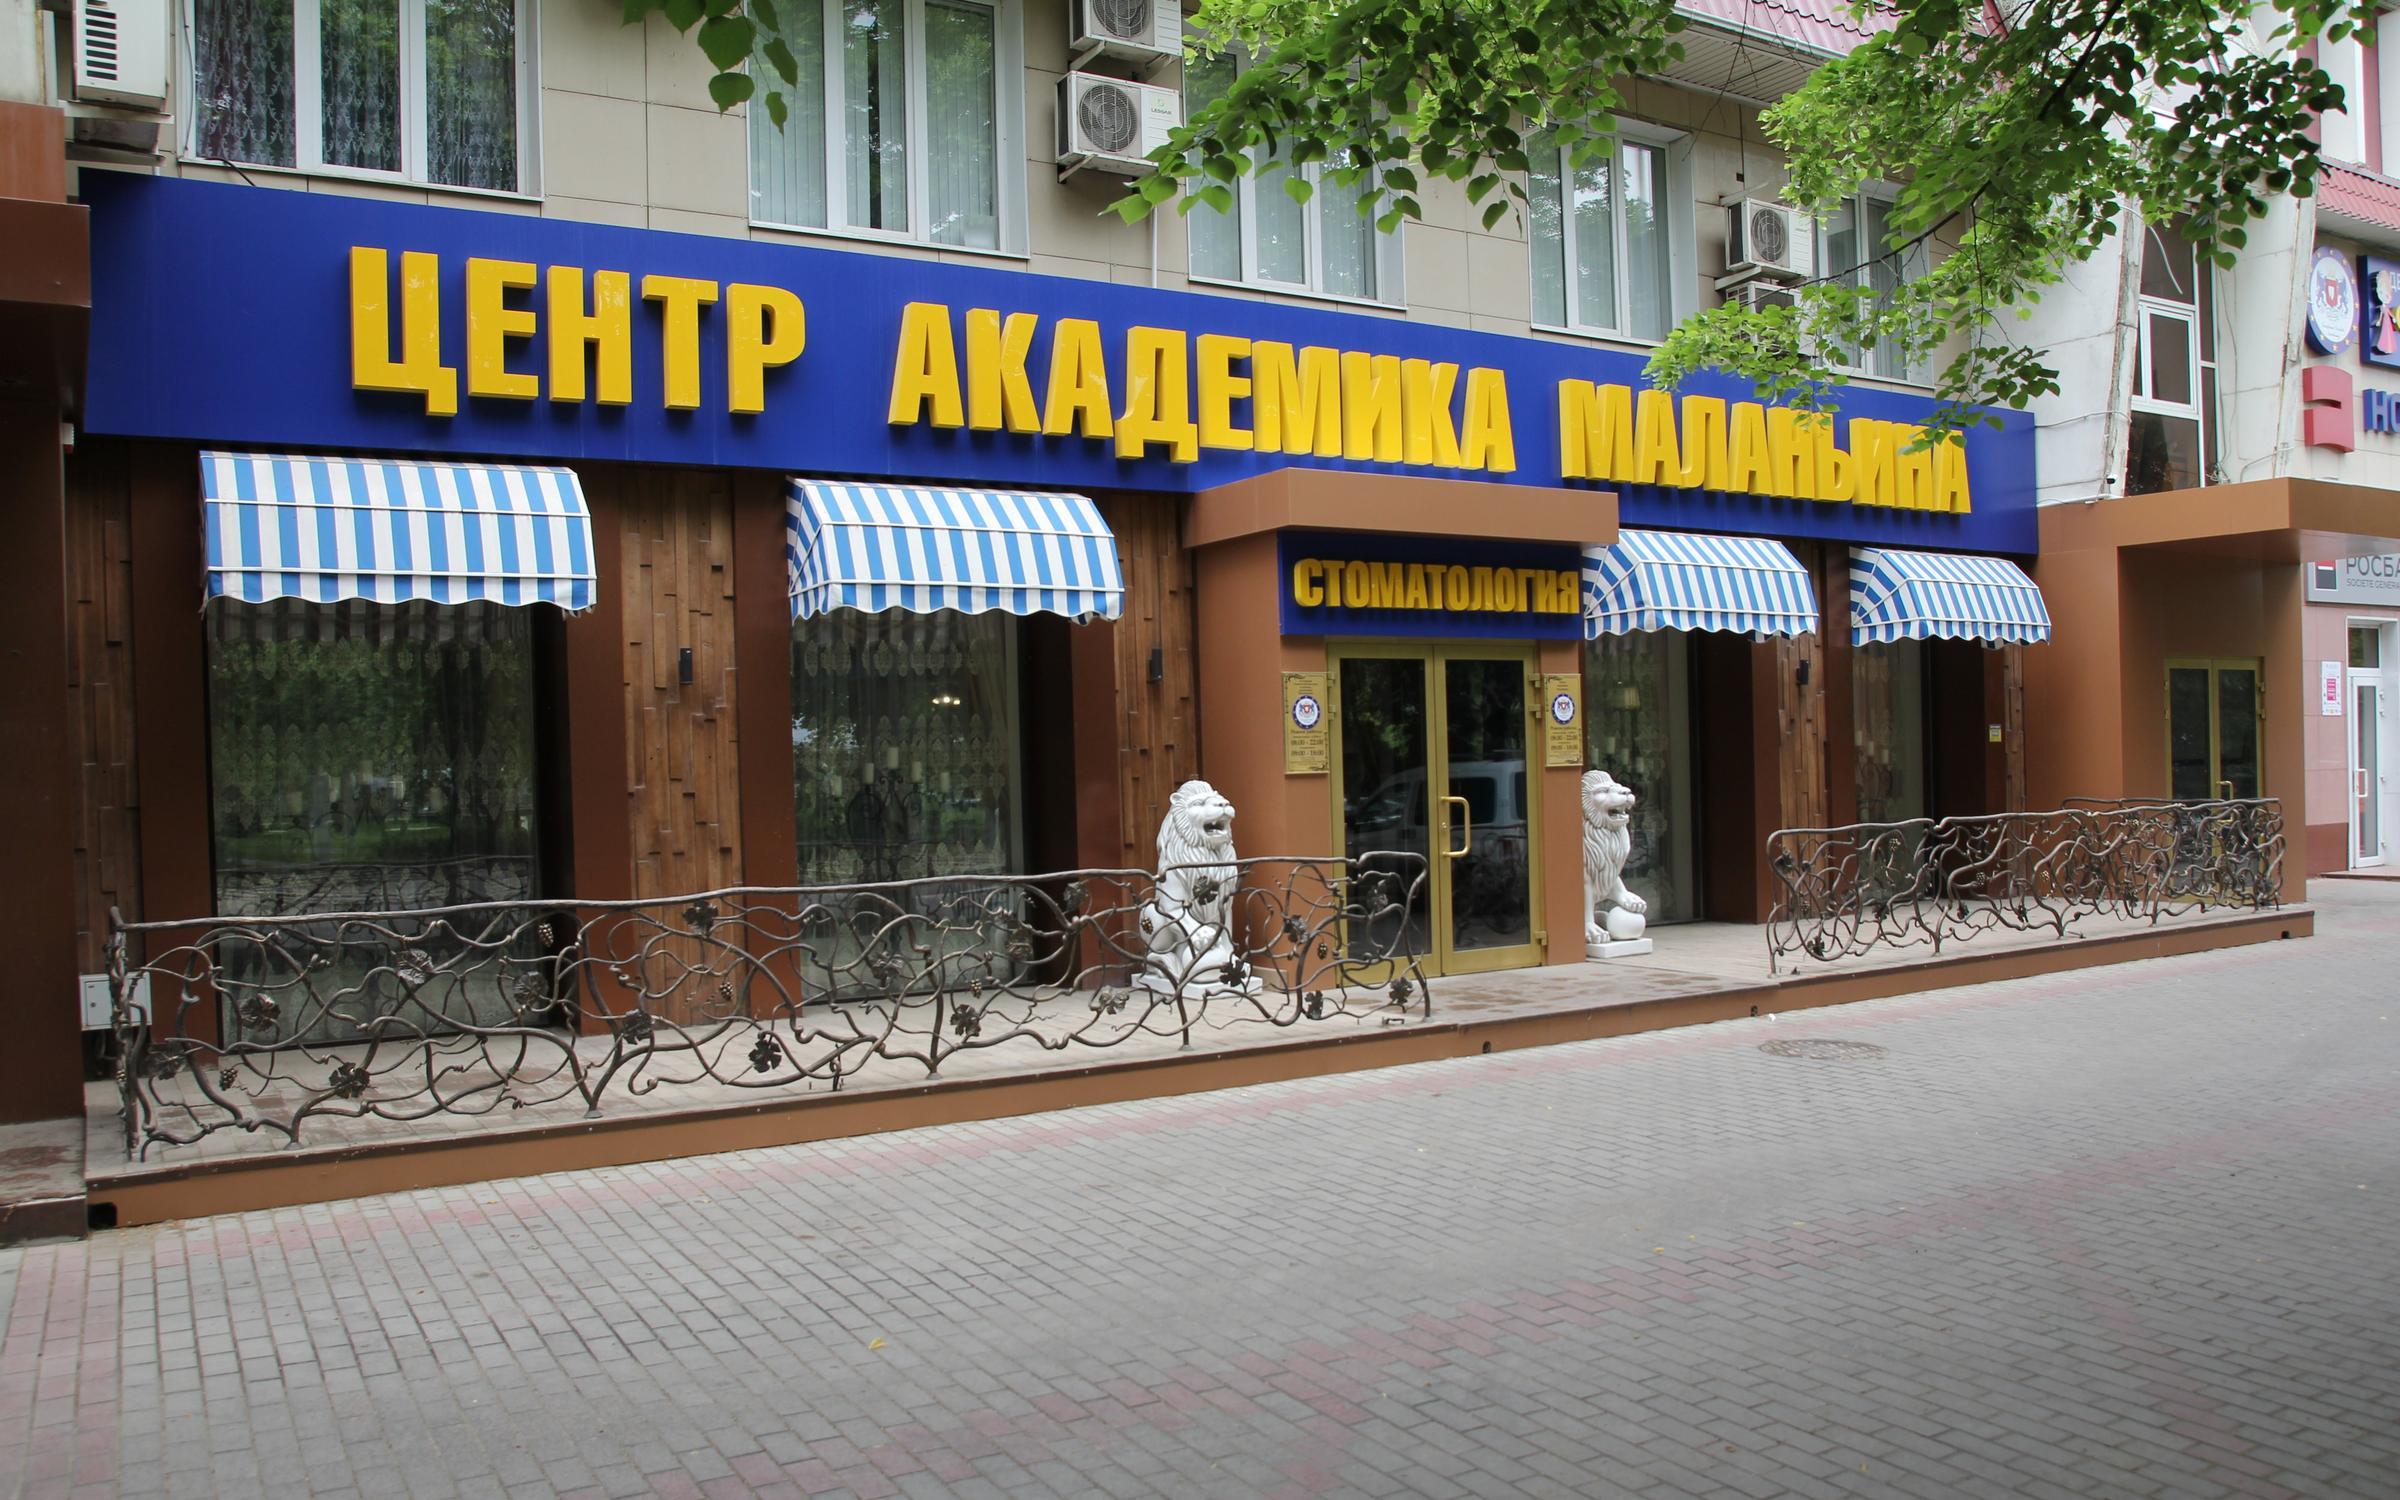 фотография Авторской стоматологической клиники академика И.В. Маланьина  на Московской улице